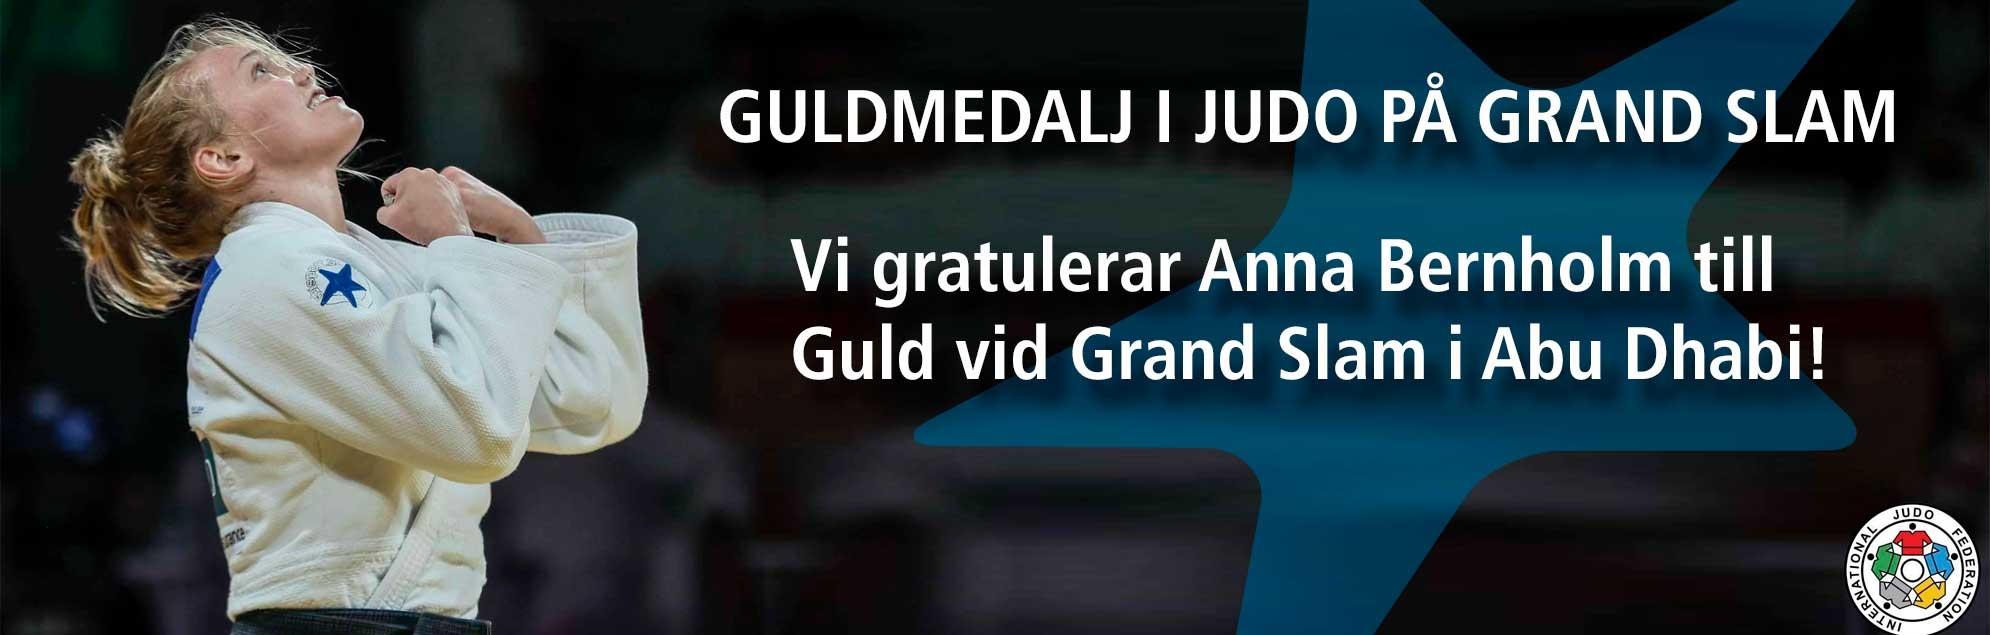 Vi gratulerar Anna Bernholm till Guld vid Grand Slam i Abu Dhabi